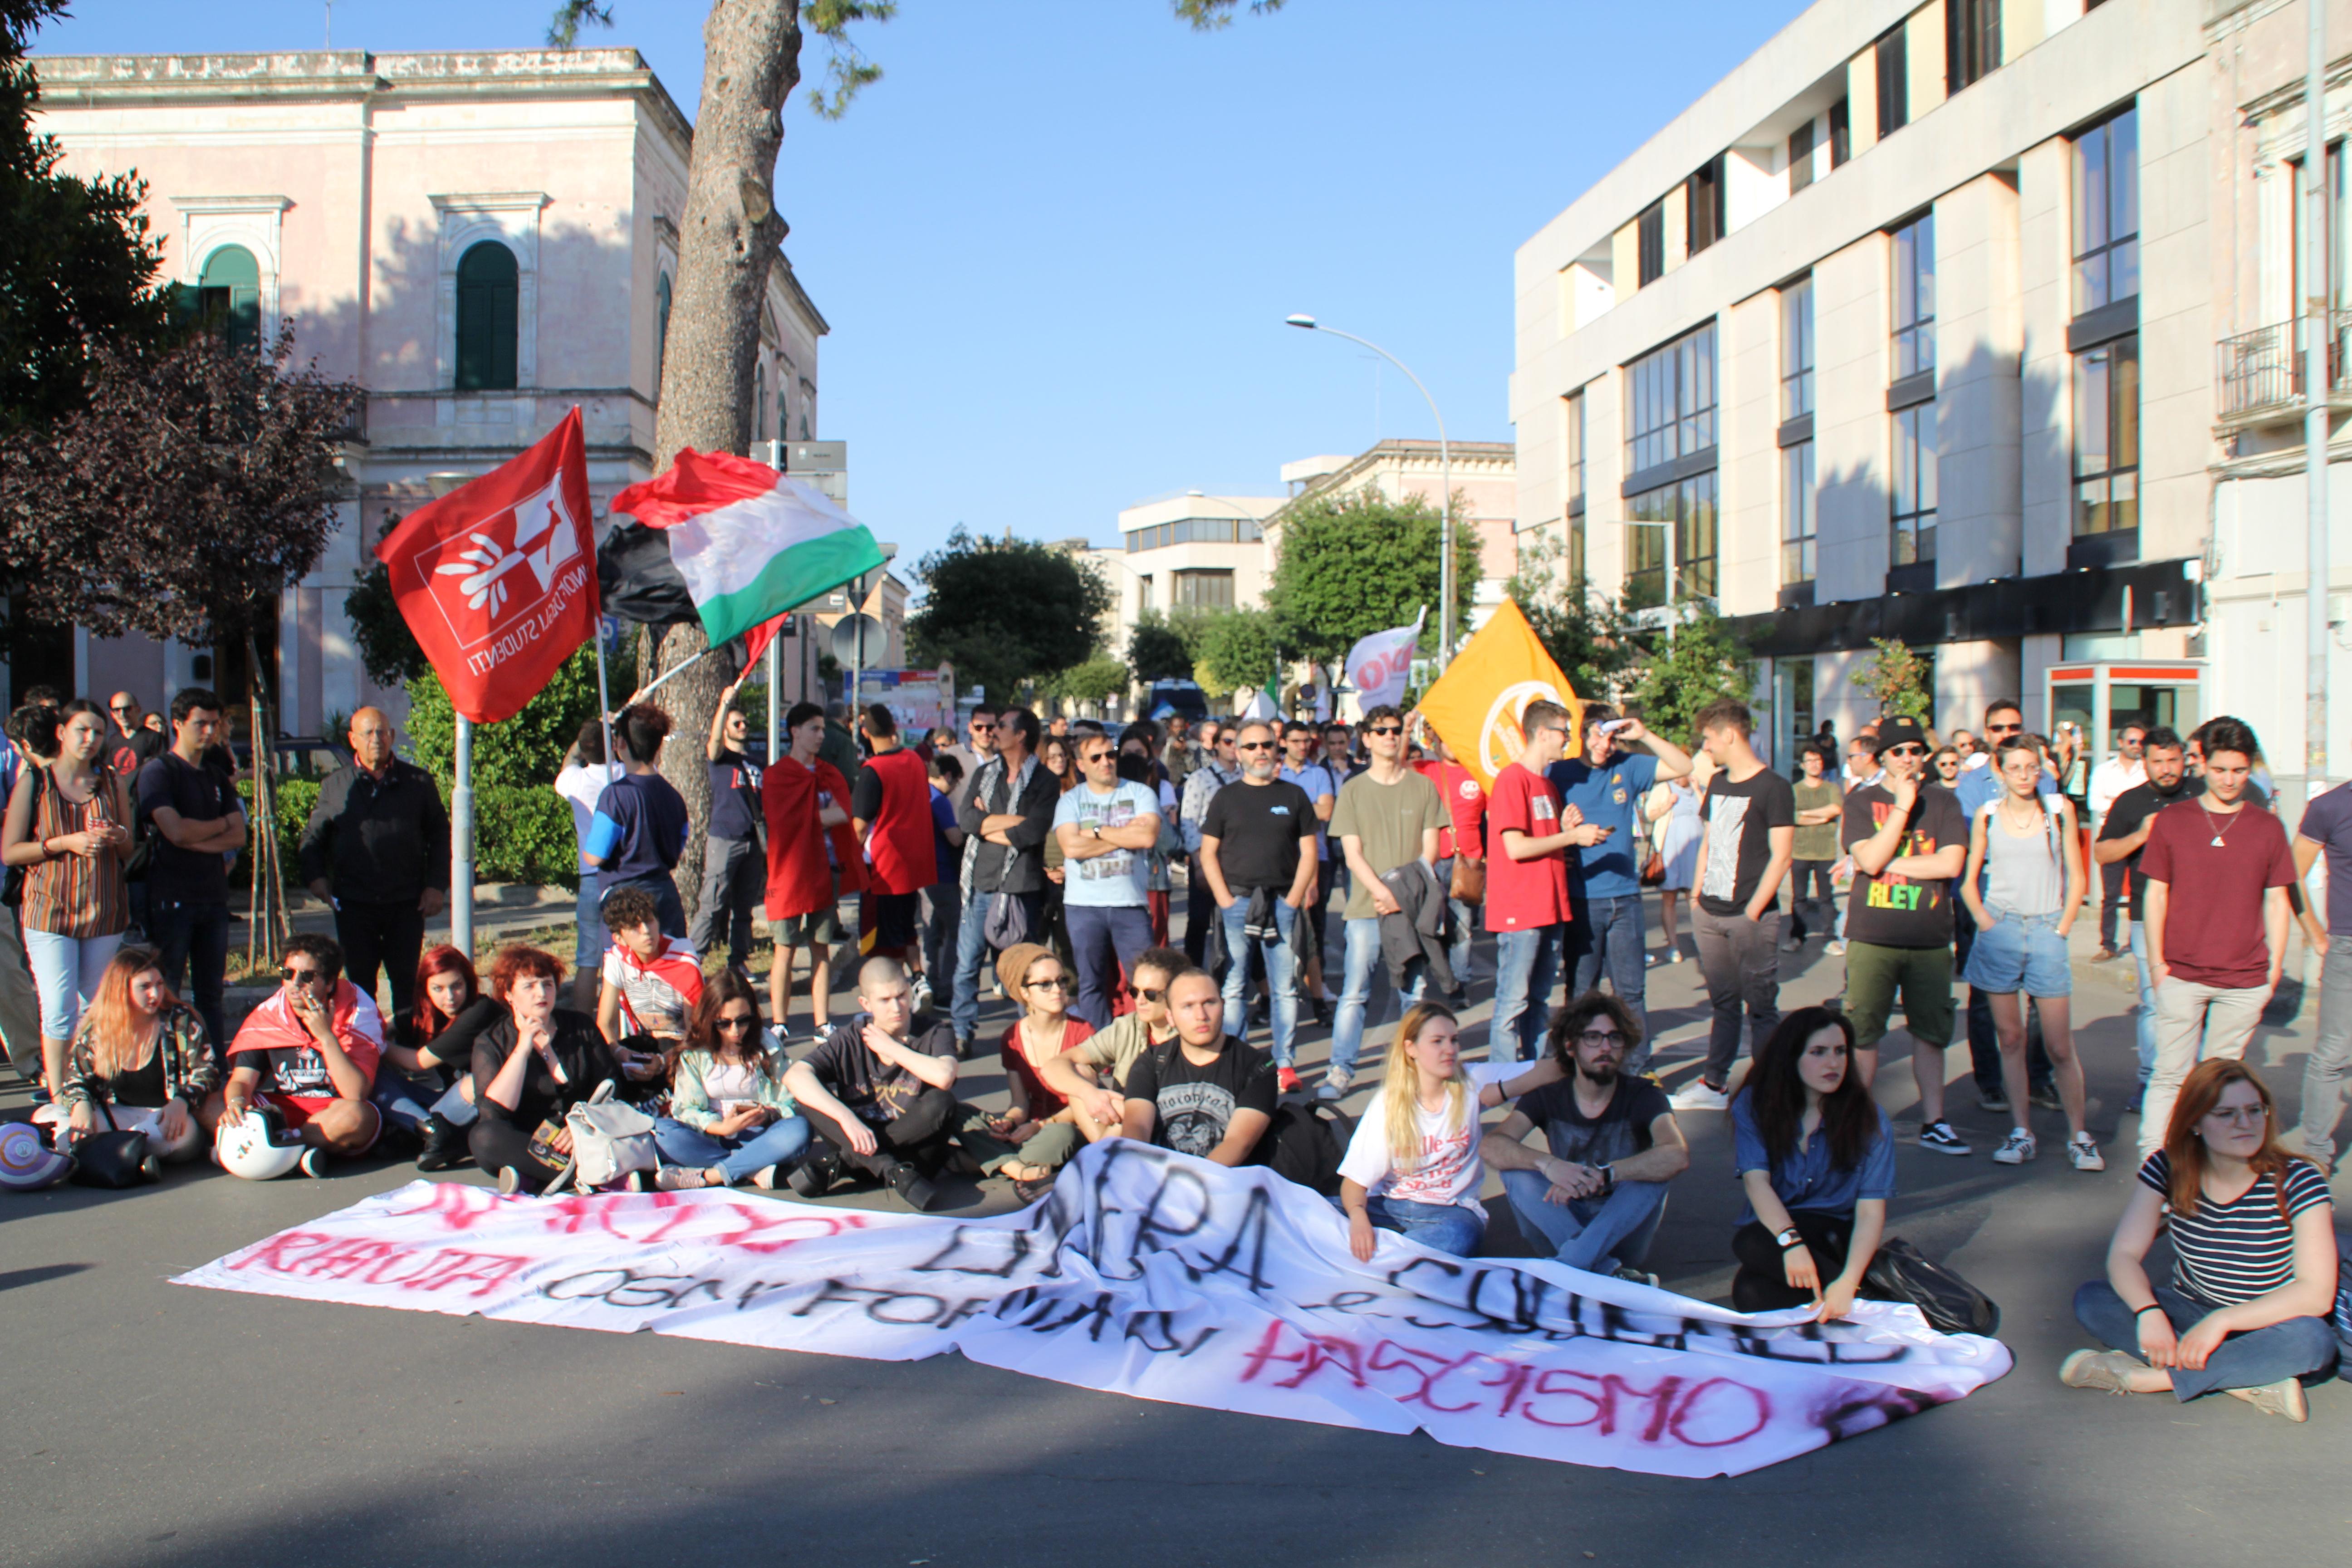 Porta di mare fotogallery manifestazione antifascista - Porta di mare cronaca nardo ...